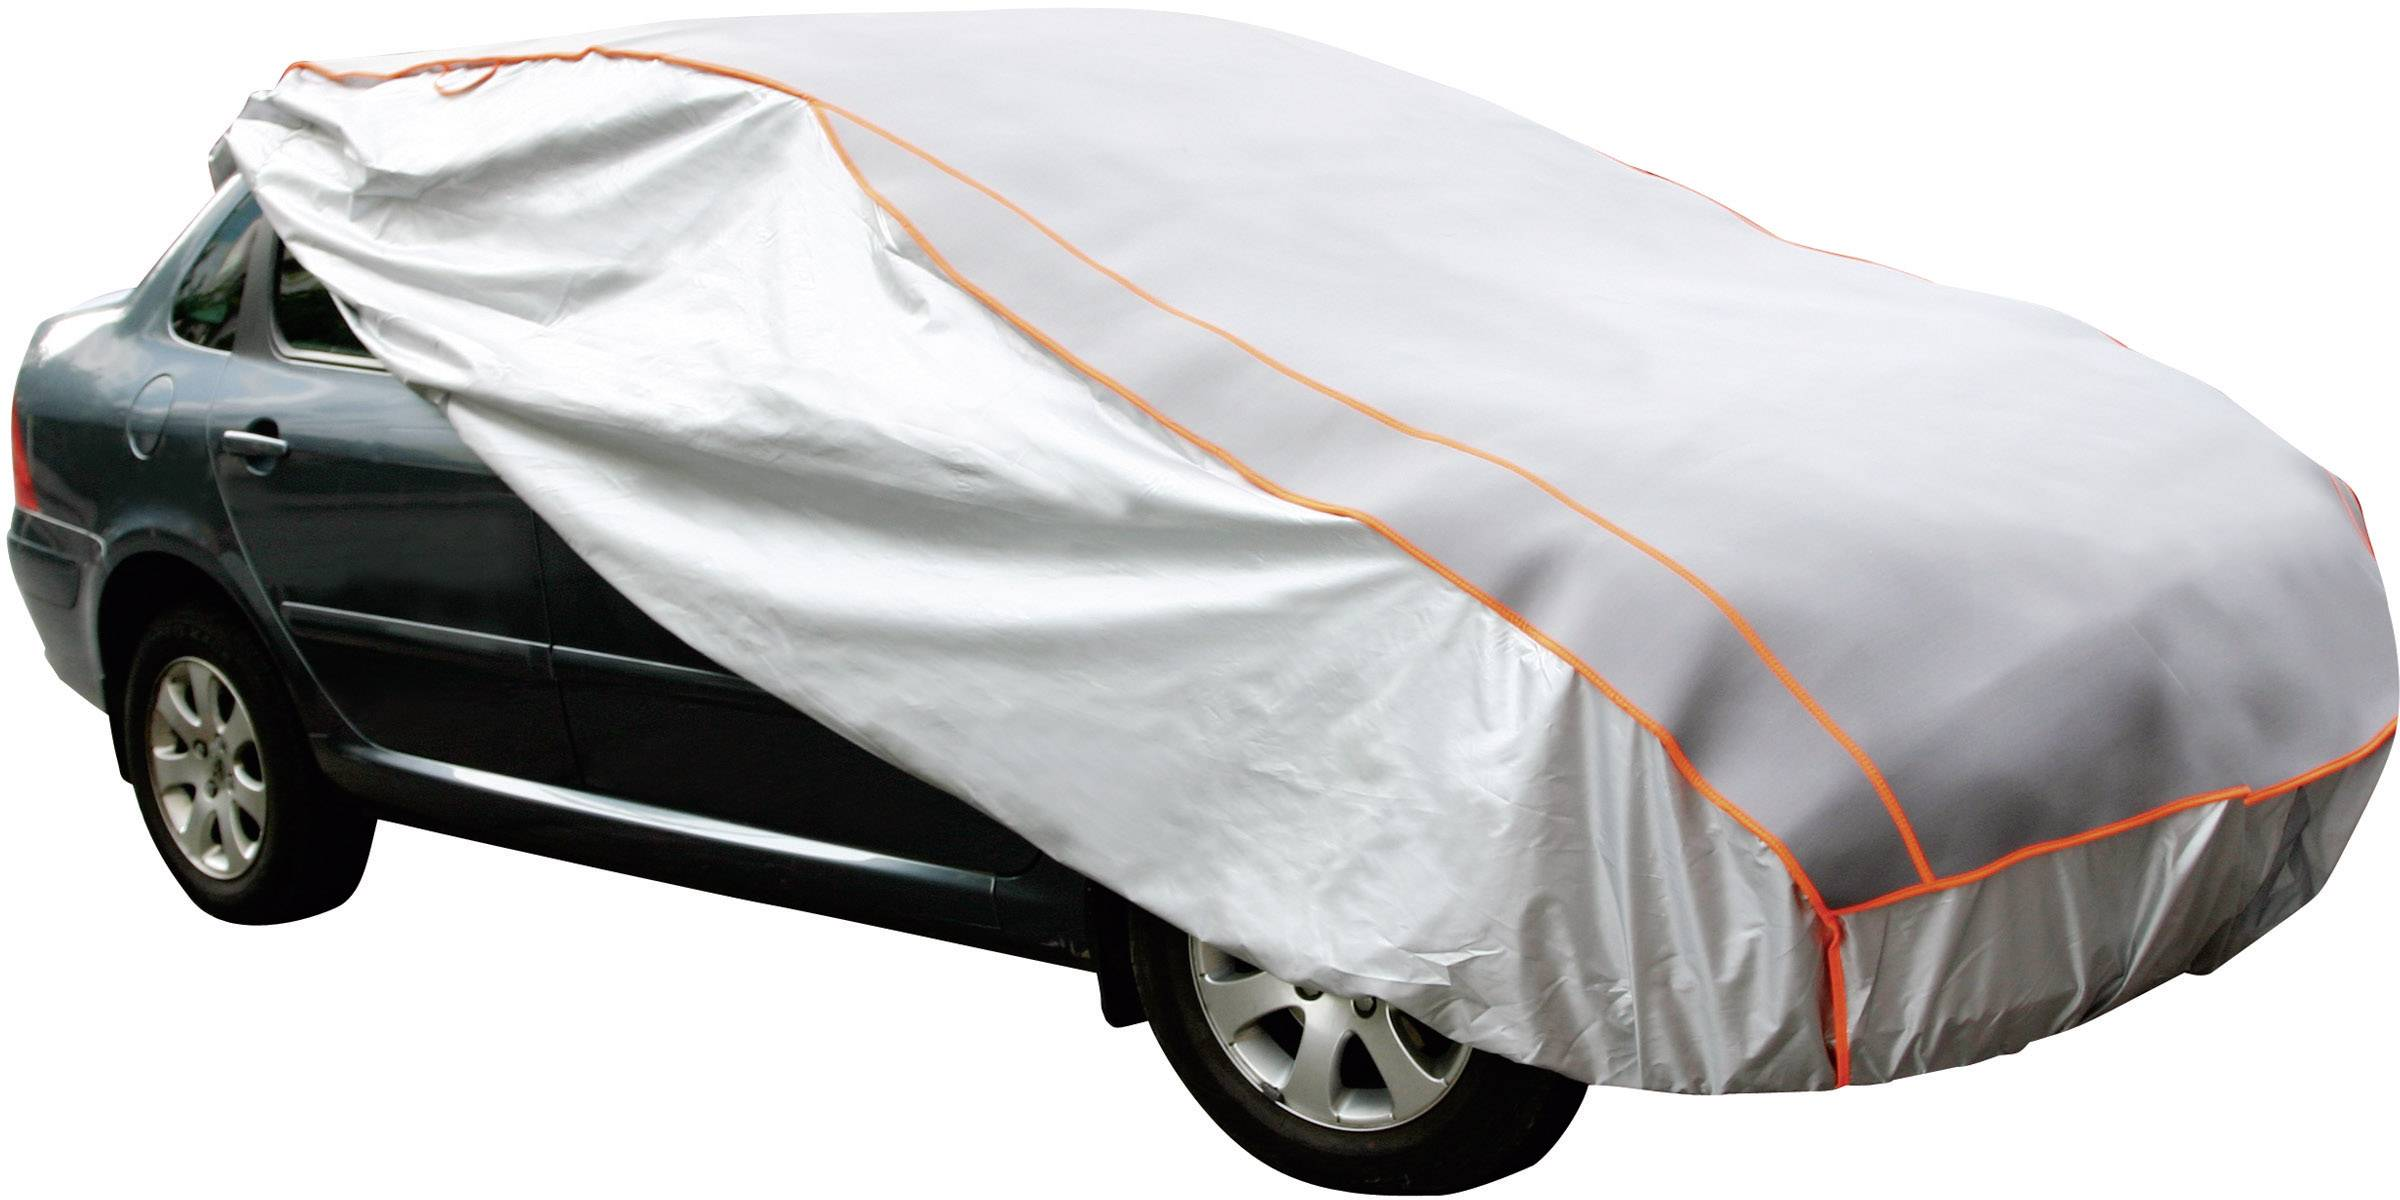 housse de protection anti gr le pour voiture. Black Bedroom Furniture Sets. Home Design Ideas